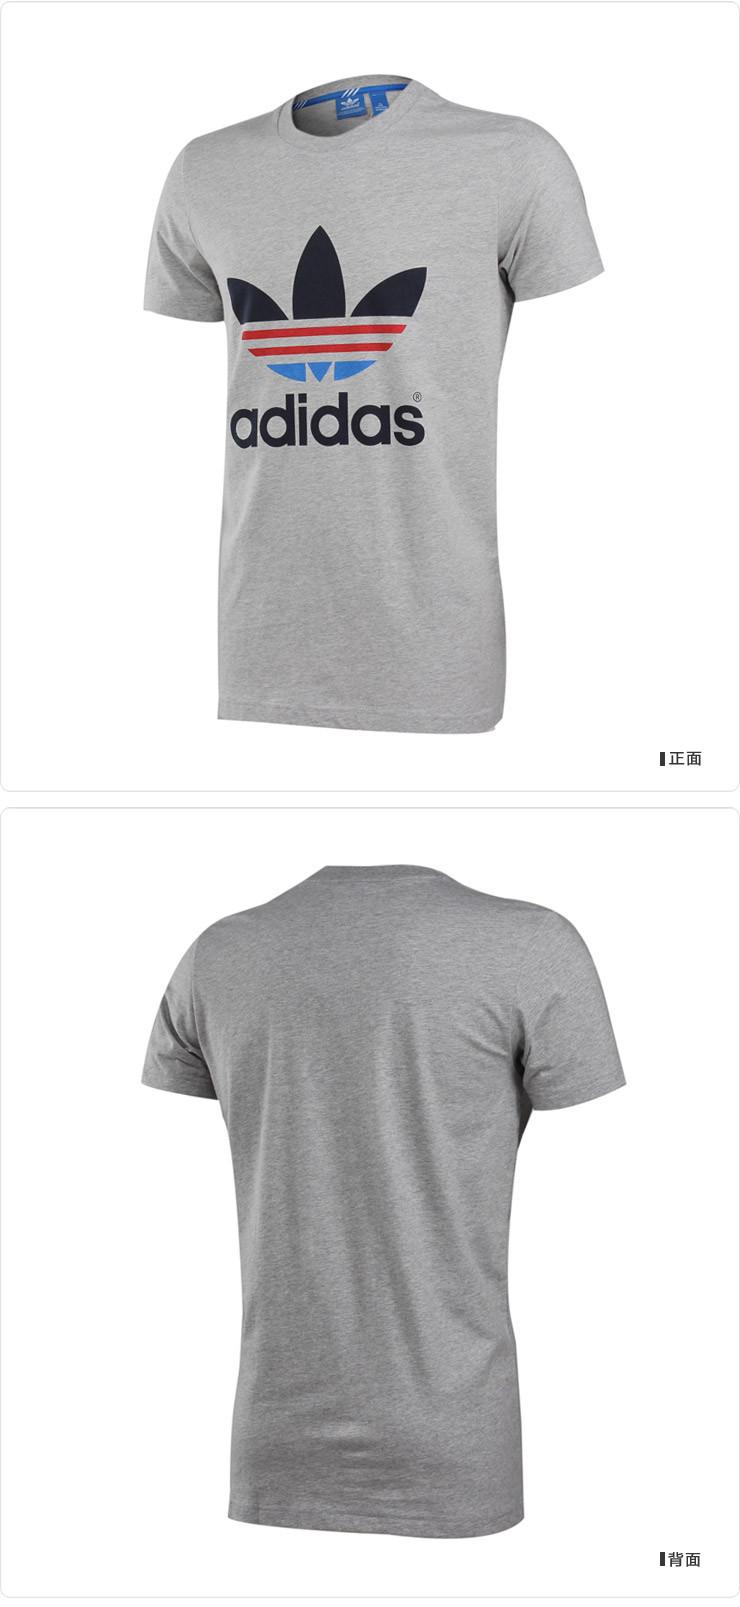 英文品牌t恤手绘图